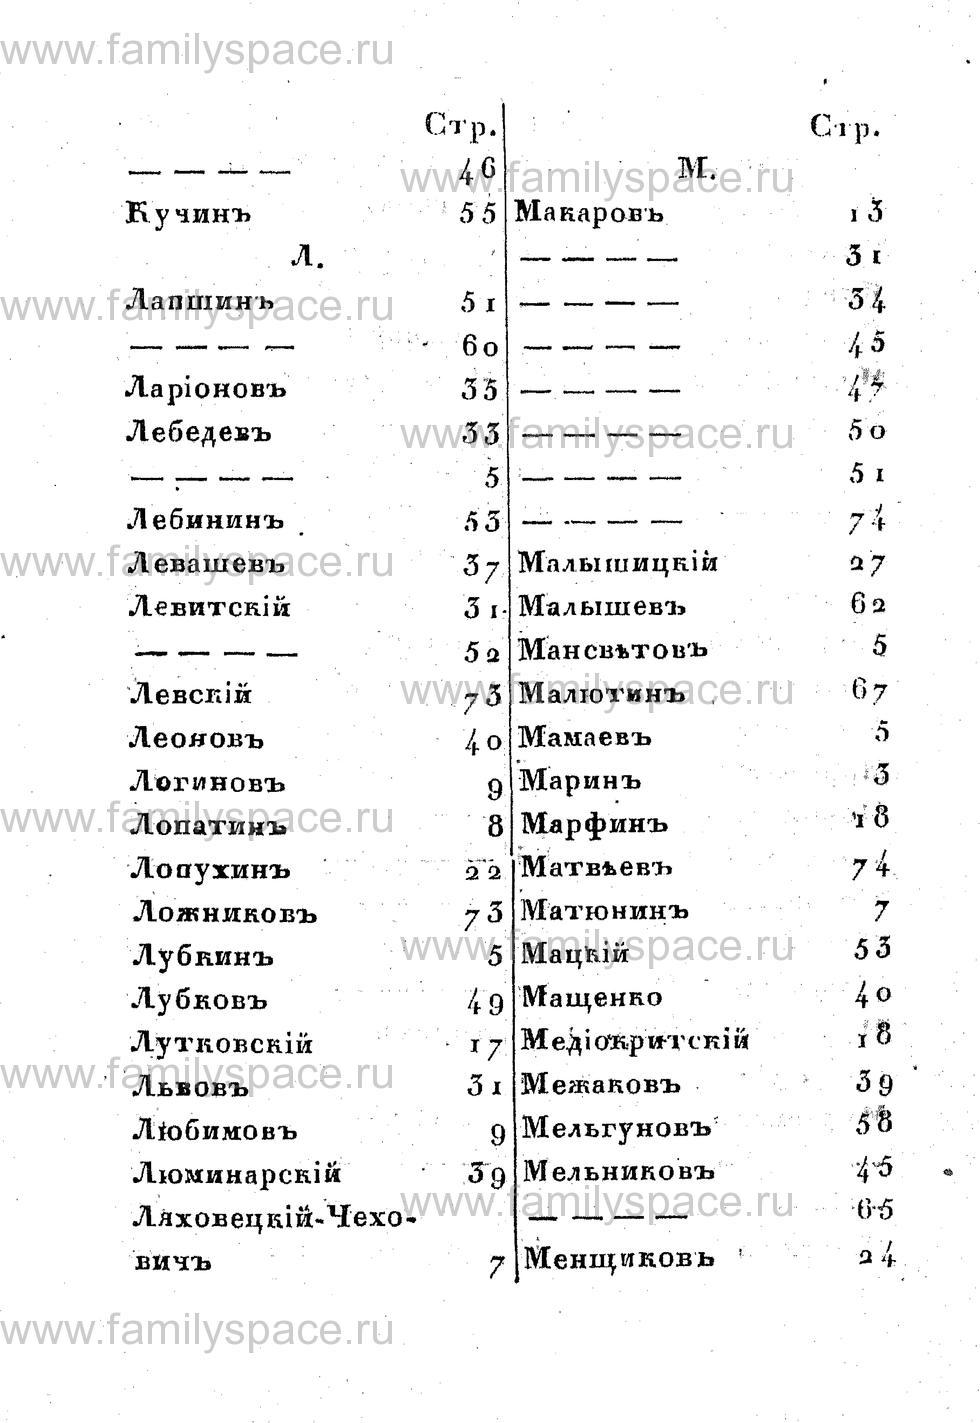 Поиск по фамилии - Памятная книжка Костромской губернии на 1853 год, страница 118